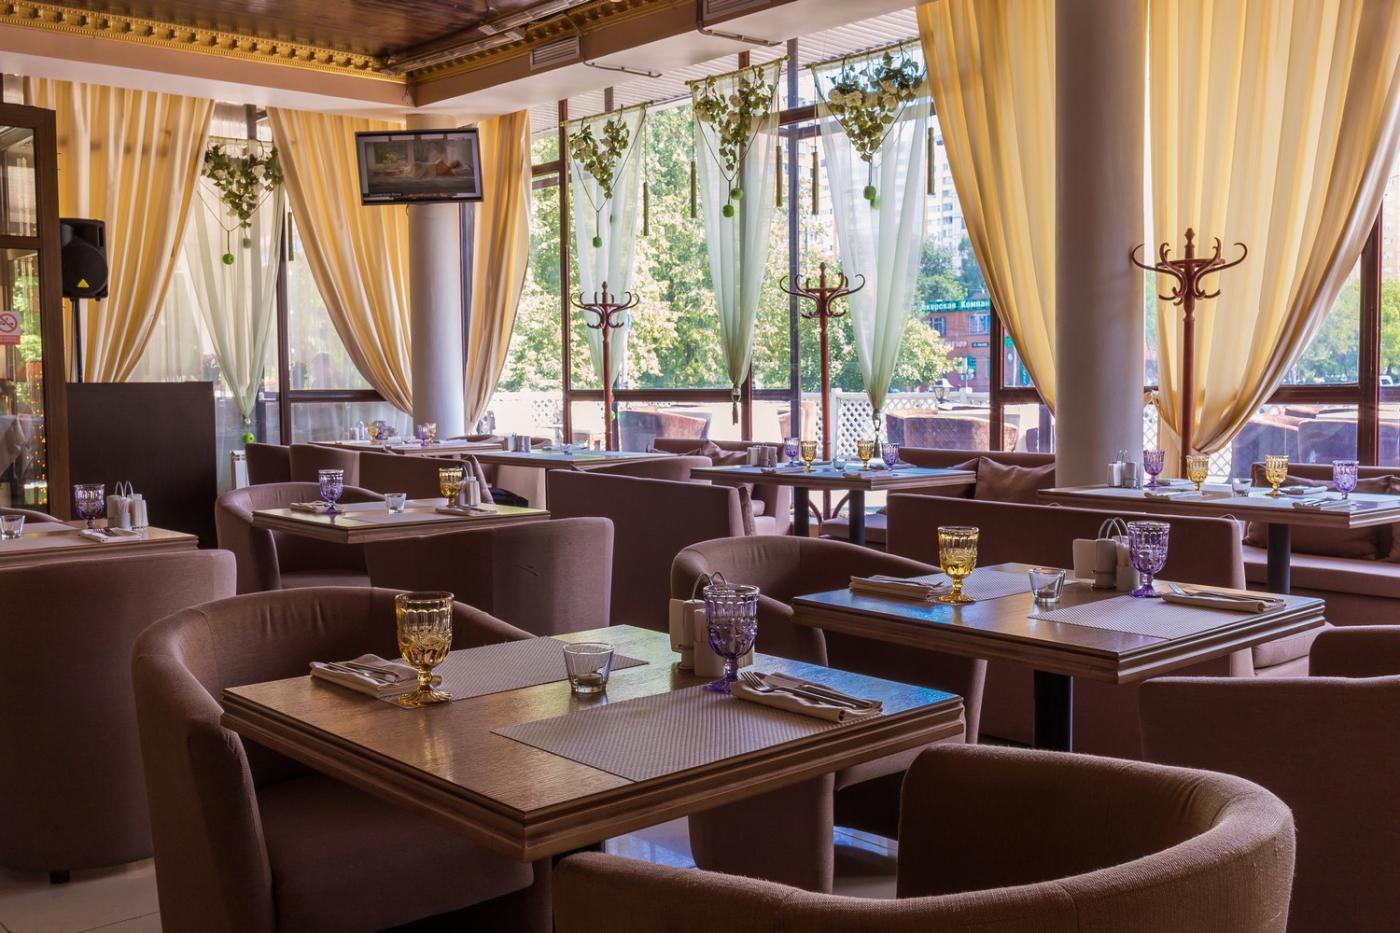 Итальянское Кафе Де Марко в Солнцево фото